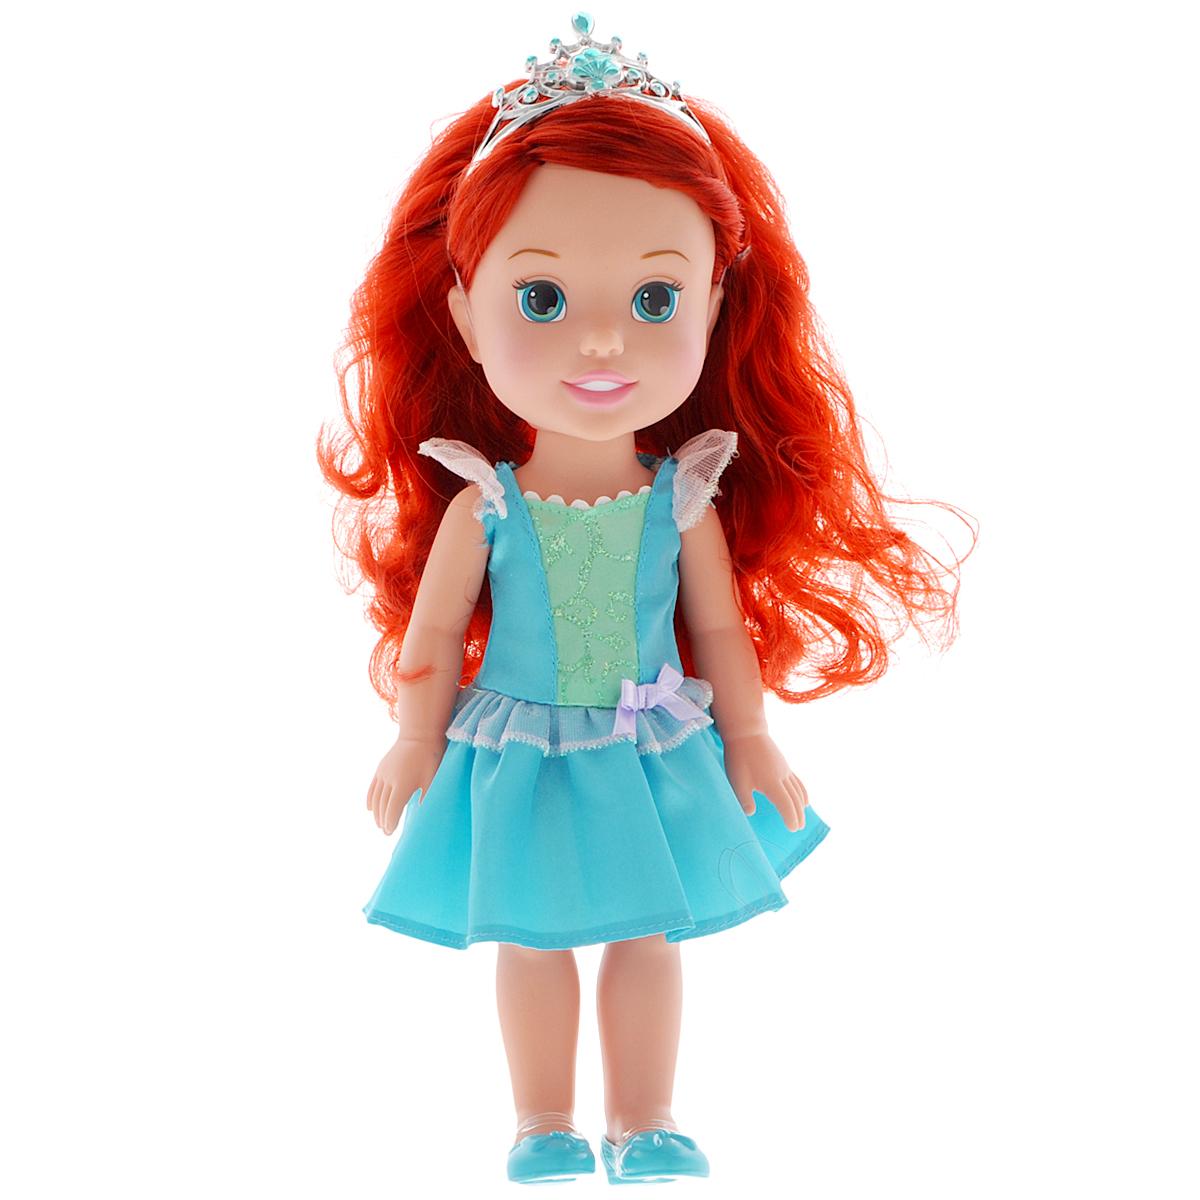 Disney Princess Кукла Малышка Ариэль цвет платья голубой751170Кукла Disney Princess Малышка Ариэль - это прекрасная принцесса, которая обязательно понравится вашей дочурке. Туловище куклы выполнено из высококачественного пластика; голова, ручки и ножки подвижны. Принцесса одета в красивое платье, оформленное блестками и кружевами. На ножках туфельки. Кукла имеет длинные шелковистые волосы, которые можно заплетать в различные прически. На голове - королевская тиара. Такая куколка очарует вас и вашу дочурку с первого взгляда! Ваша малышка с удовольствием будет играть с принцессой, проигрывая сюжеты из мультфильма или придумывая различные истории. Порадуйте свою дочурку таким замечательным подарком!